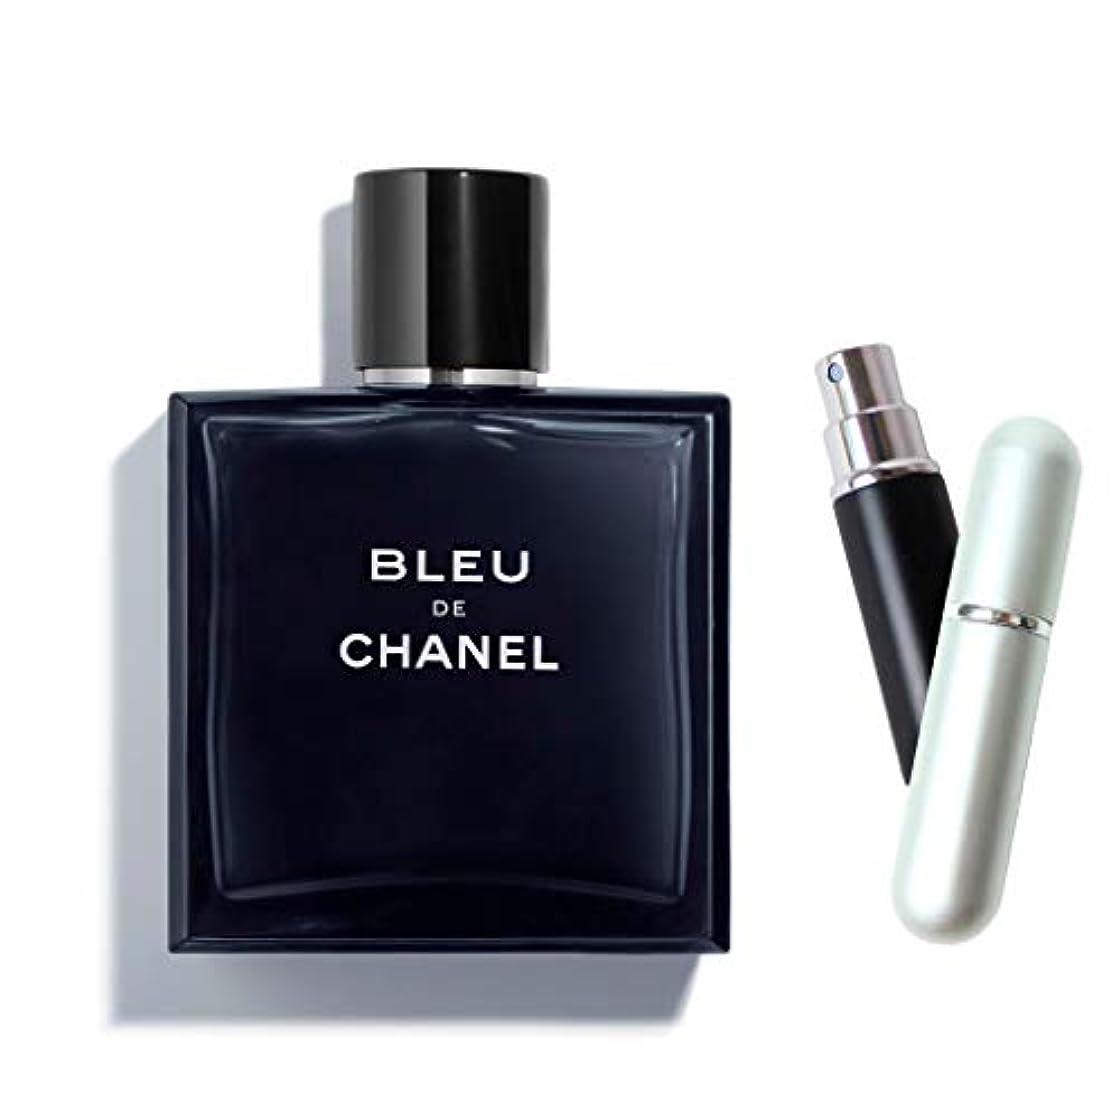 思春期あさり委任[正規品 セット品] アトマイザー付き シャネル 香水 ブルー ドゥ シャネル EDT 100ml